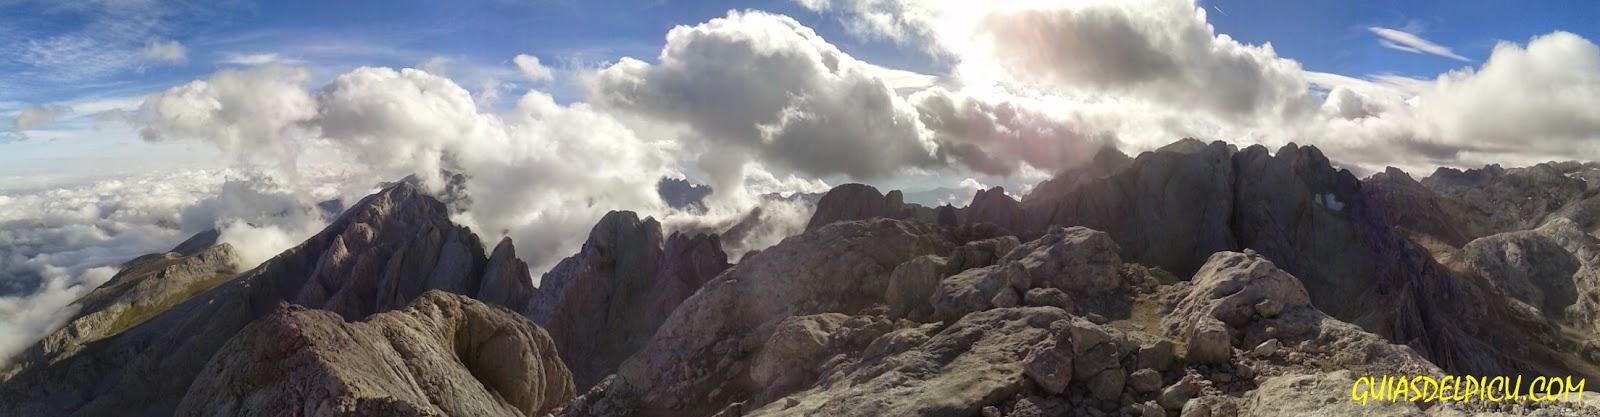 Fernando Calvo Guia de alta montaña . escaladas y ascensiones en los Picos de Europa